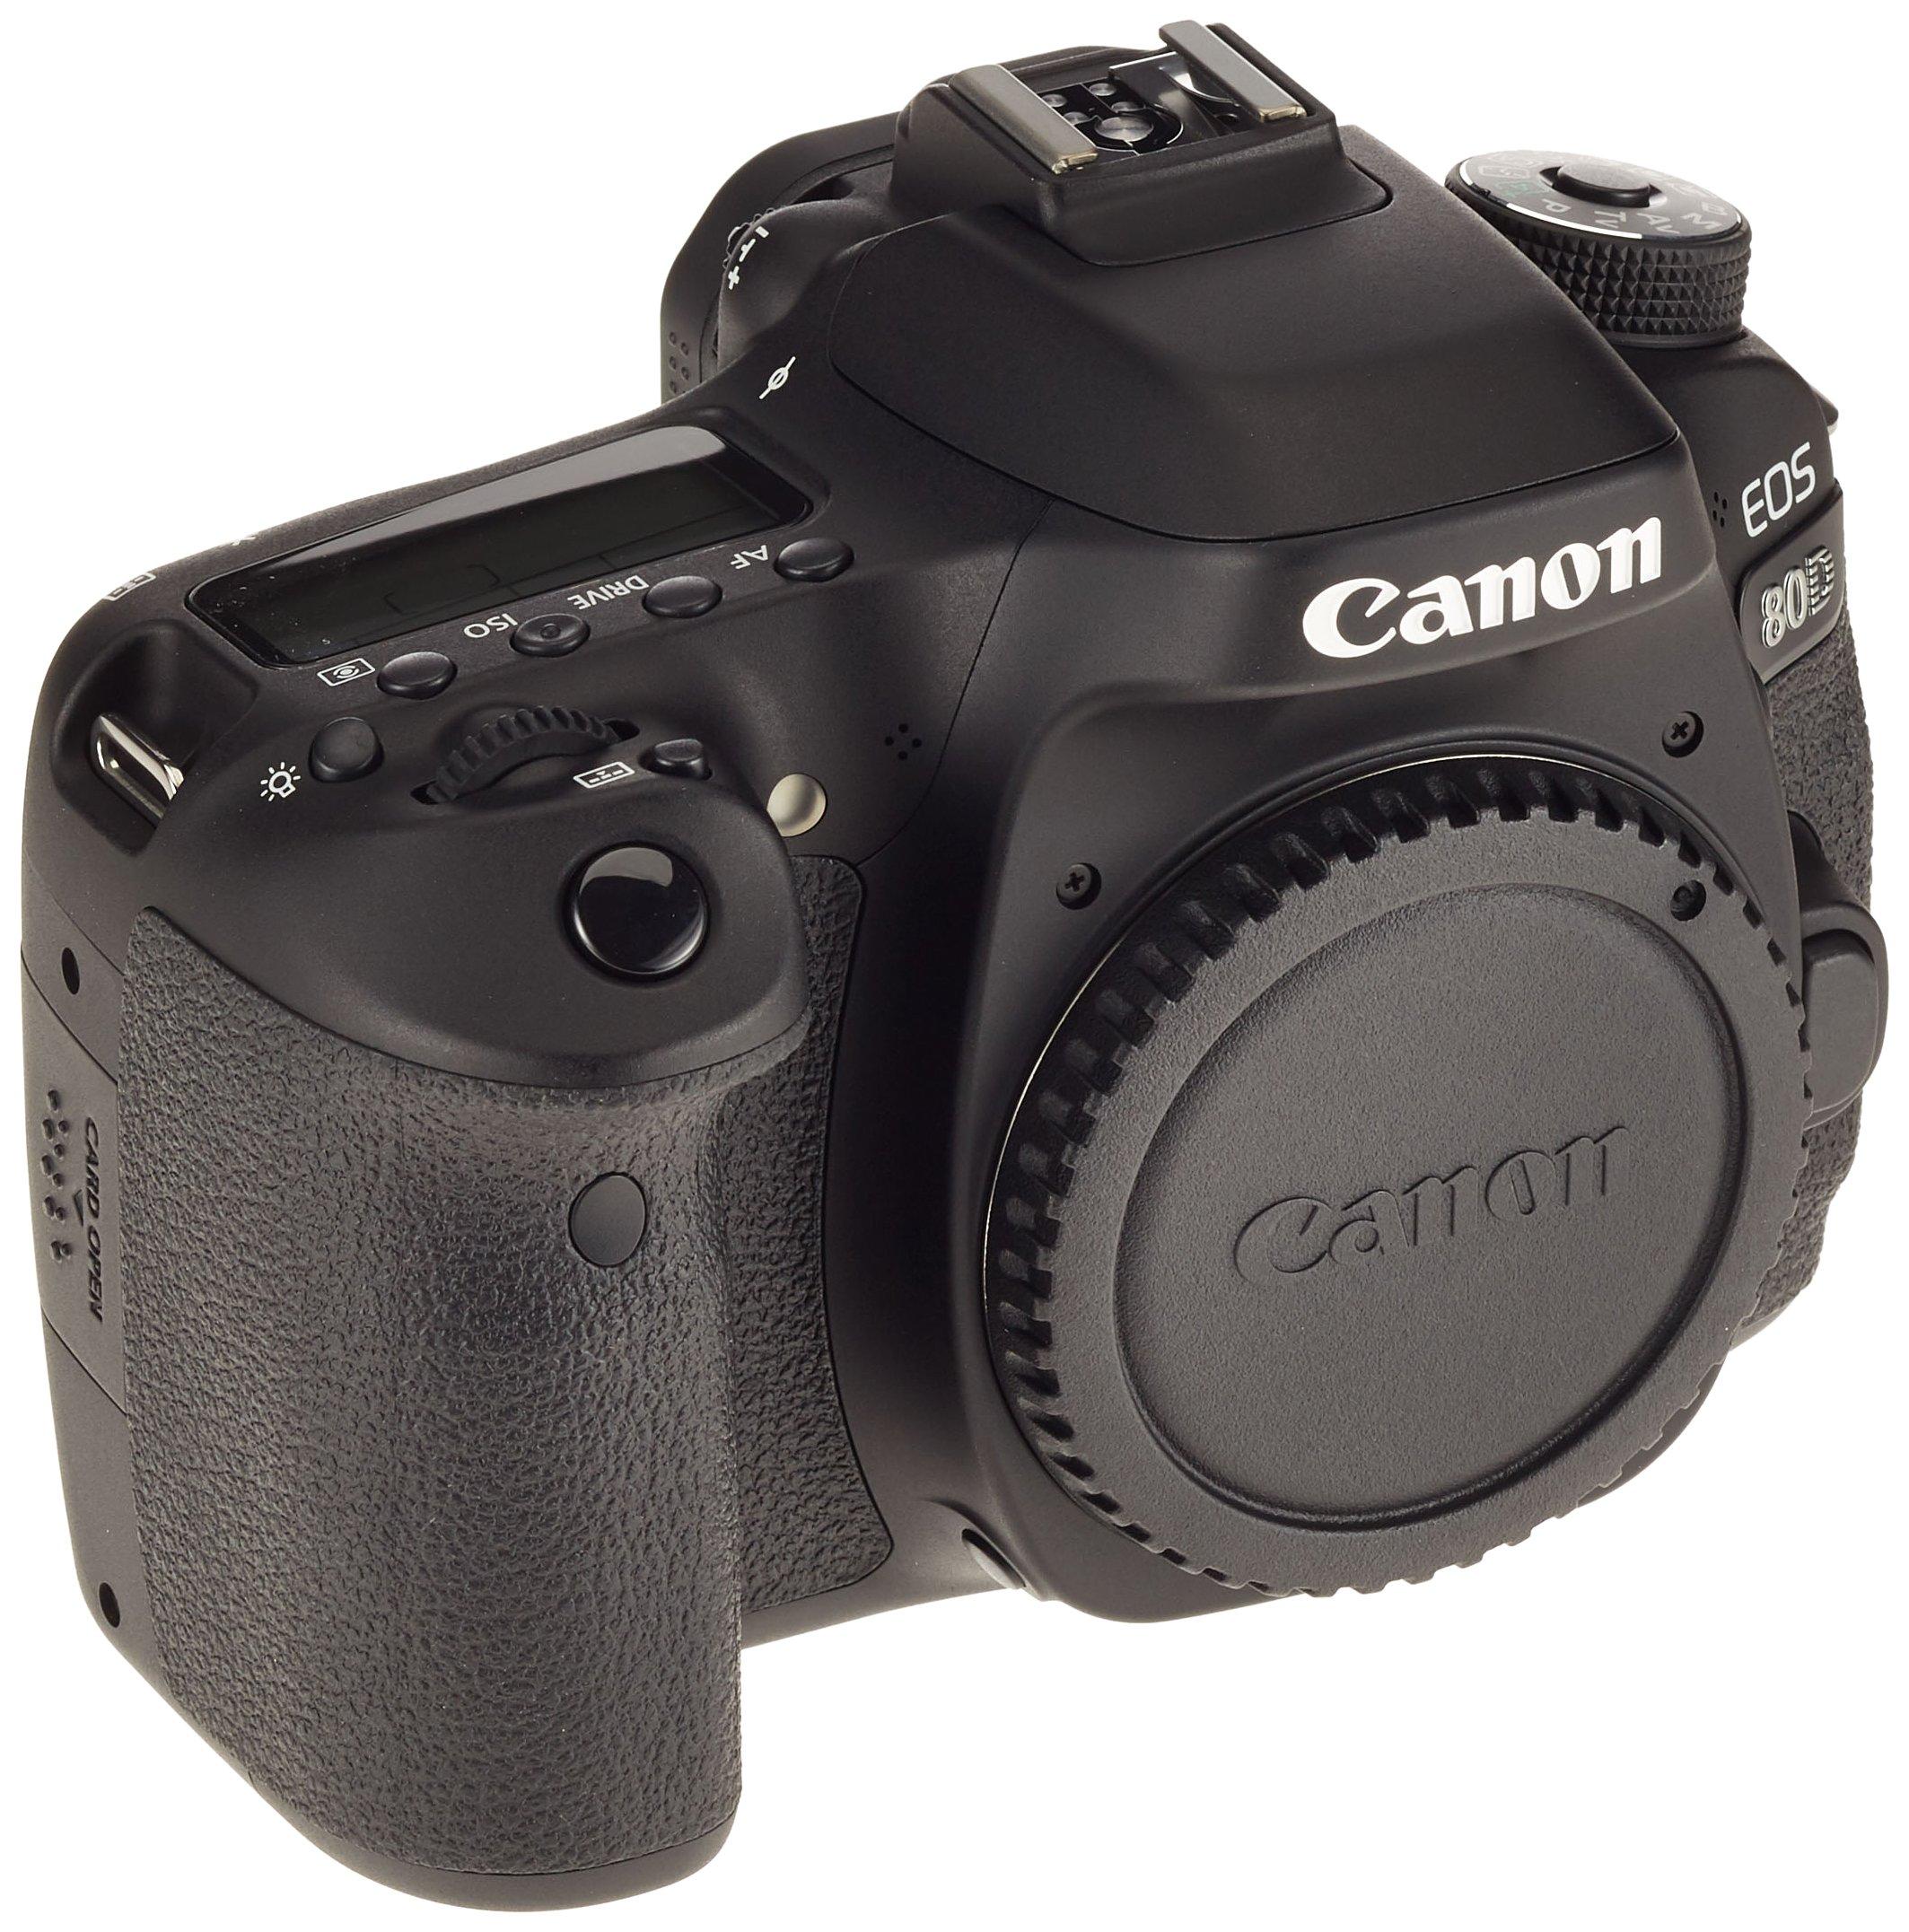 Canon EOS 80D BODY Fotocamera Reflex Digitale da 24.2 Megapixel, Nero/Antracite product image